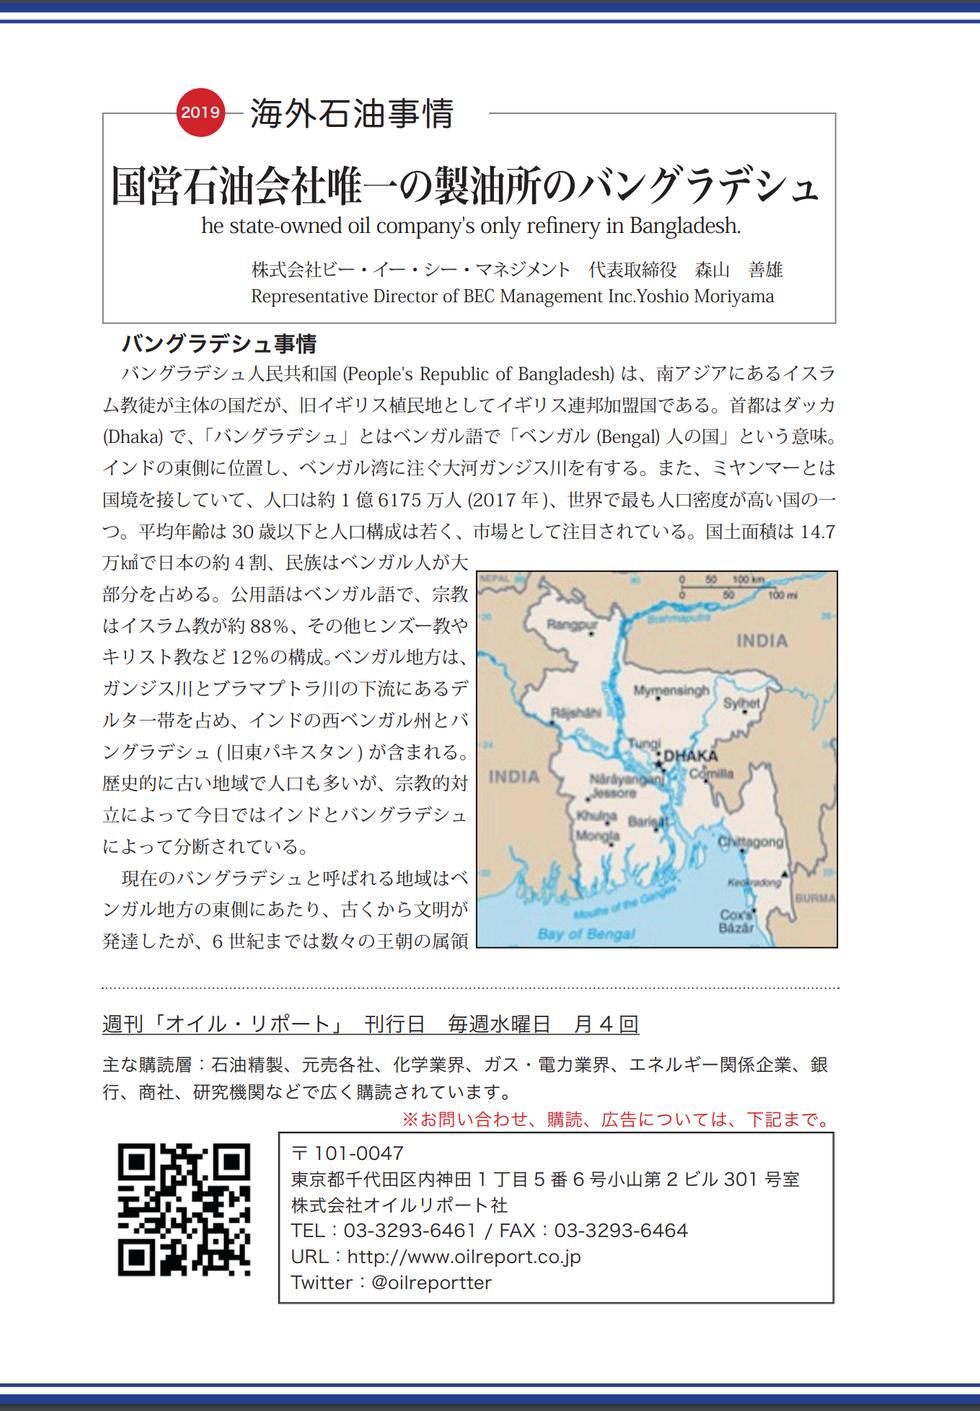 週刊オイル・リポート 5ページ